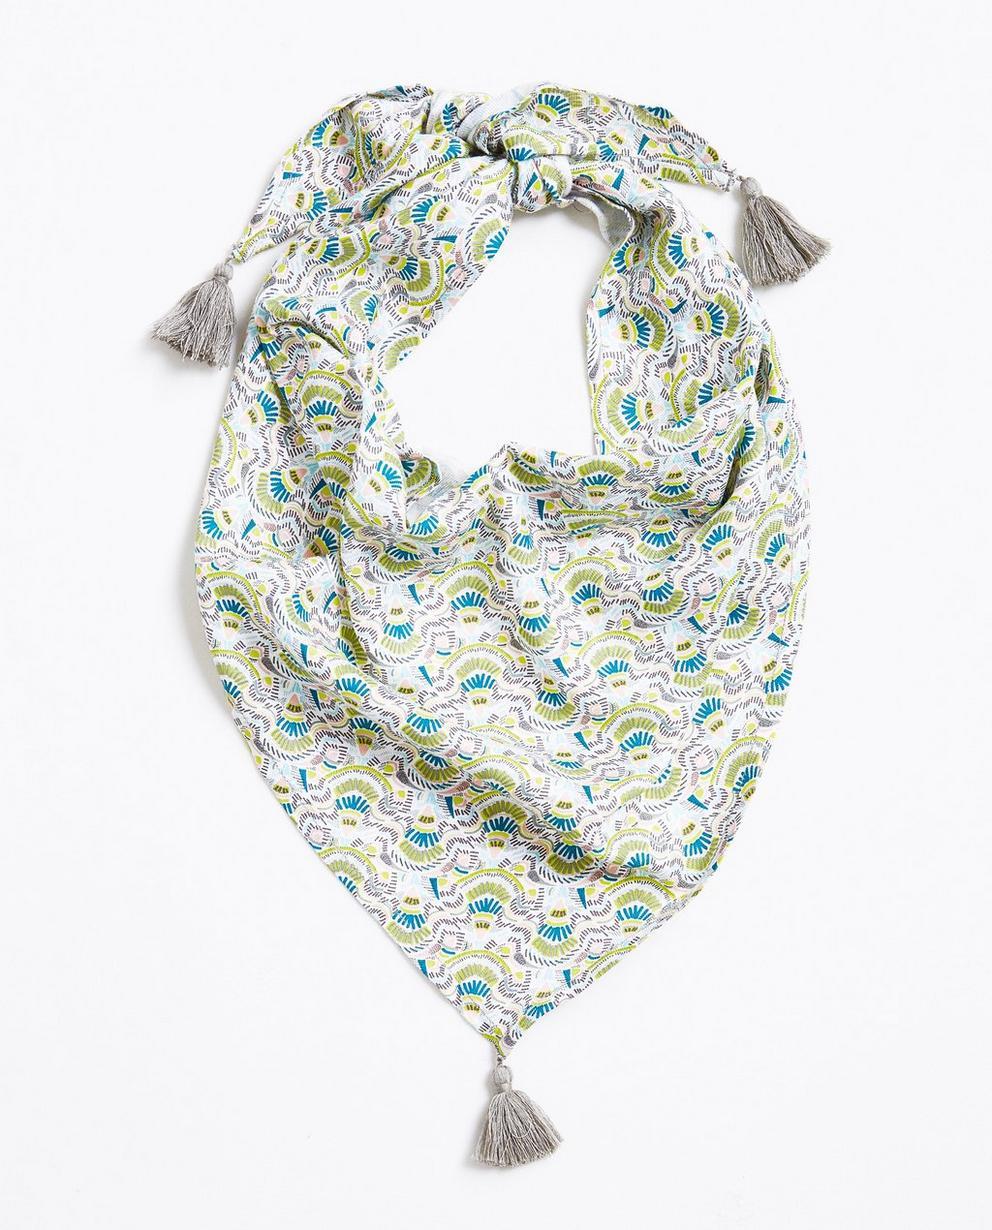 Driehoekige viscose sjaal - met kleurrijke print - JBC